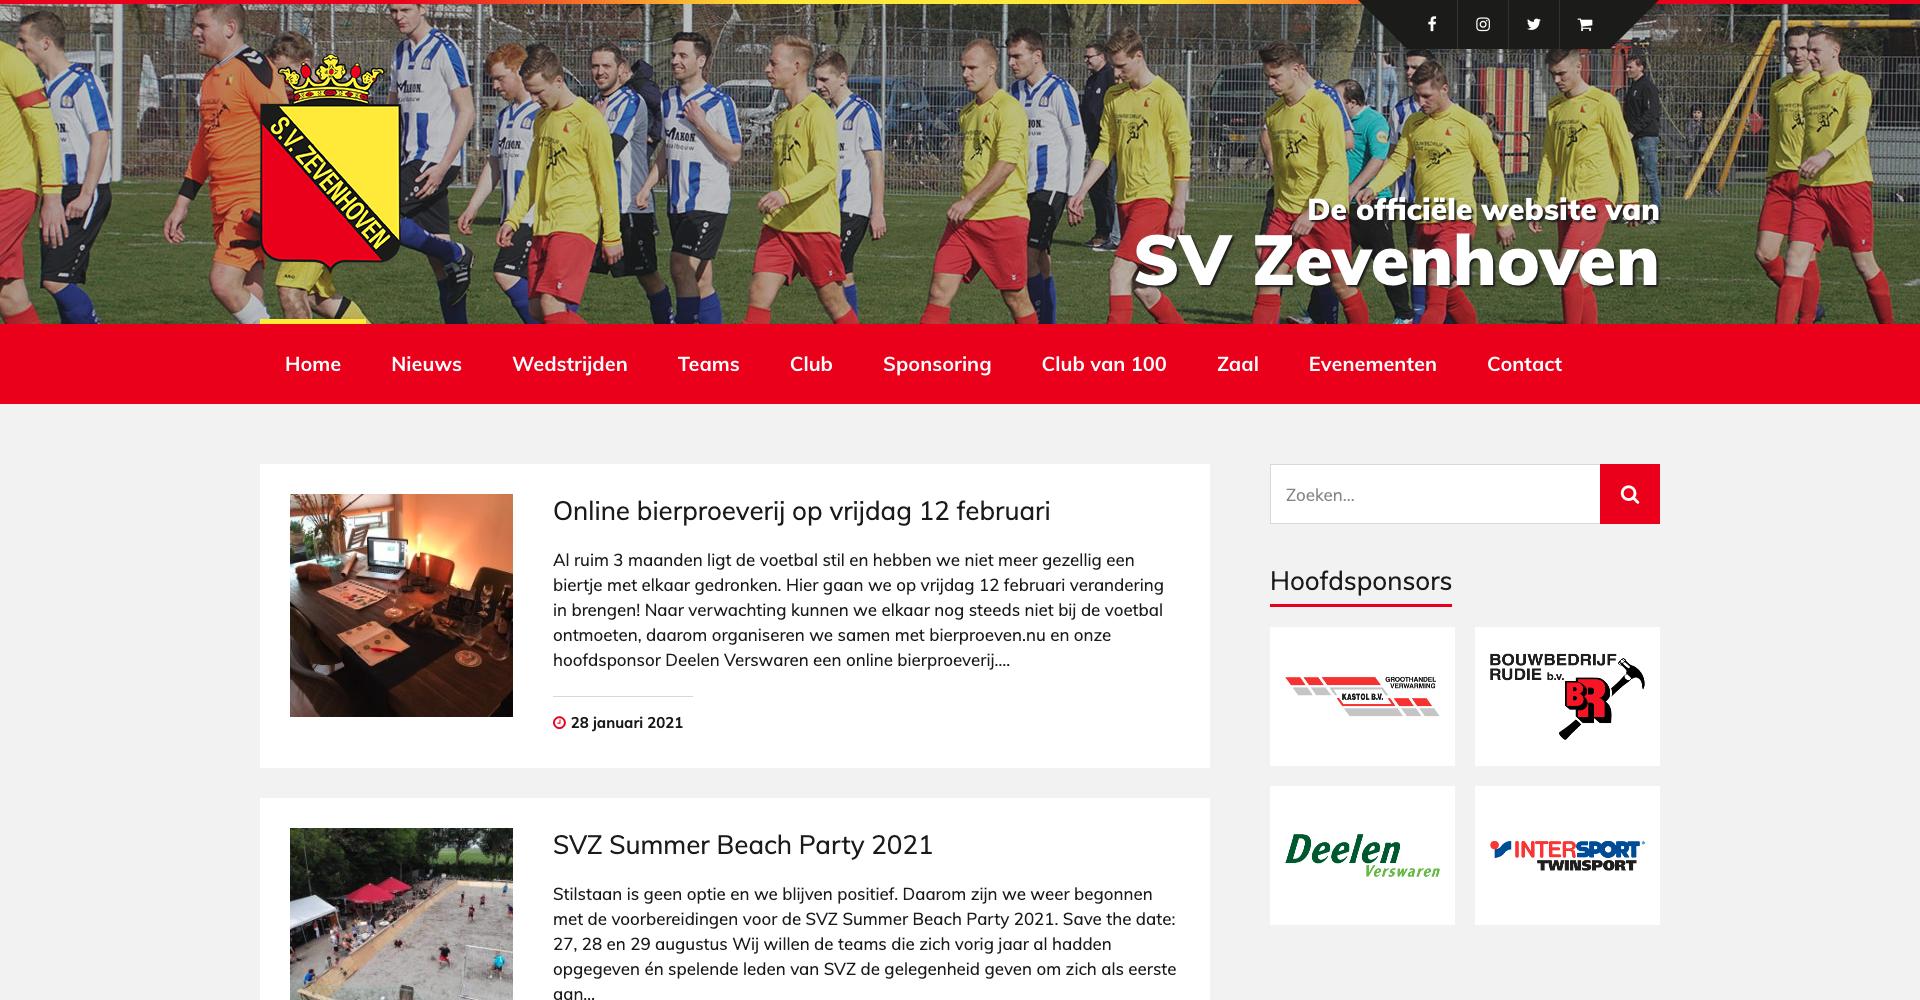 SV Zevenhoven